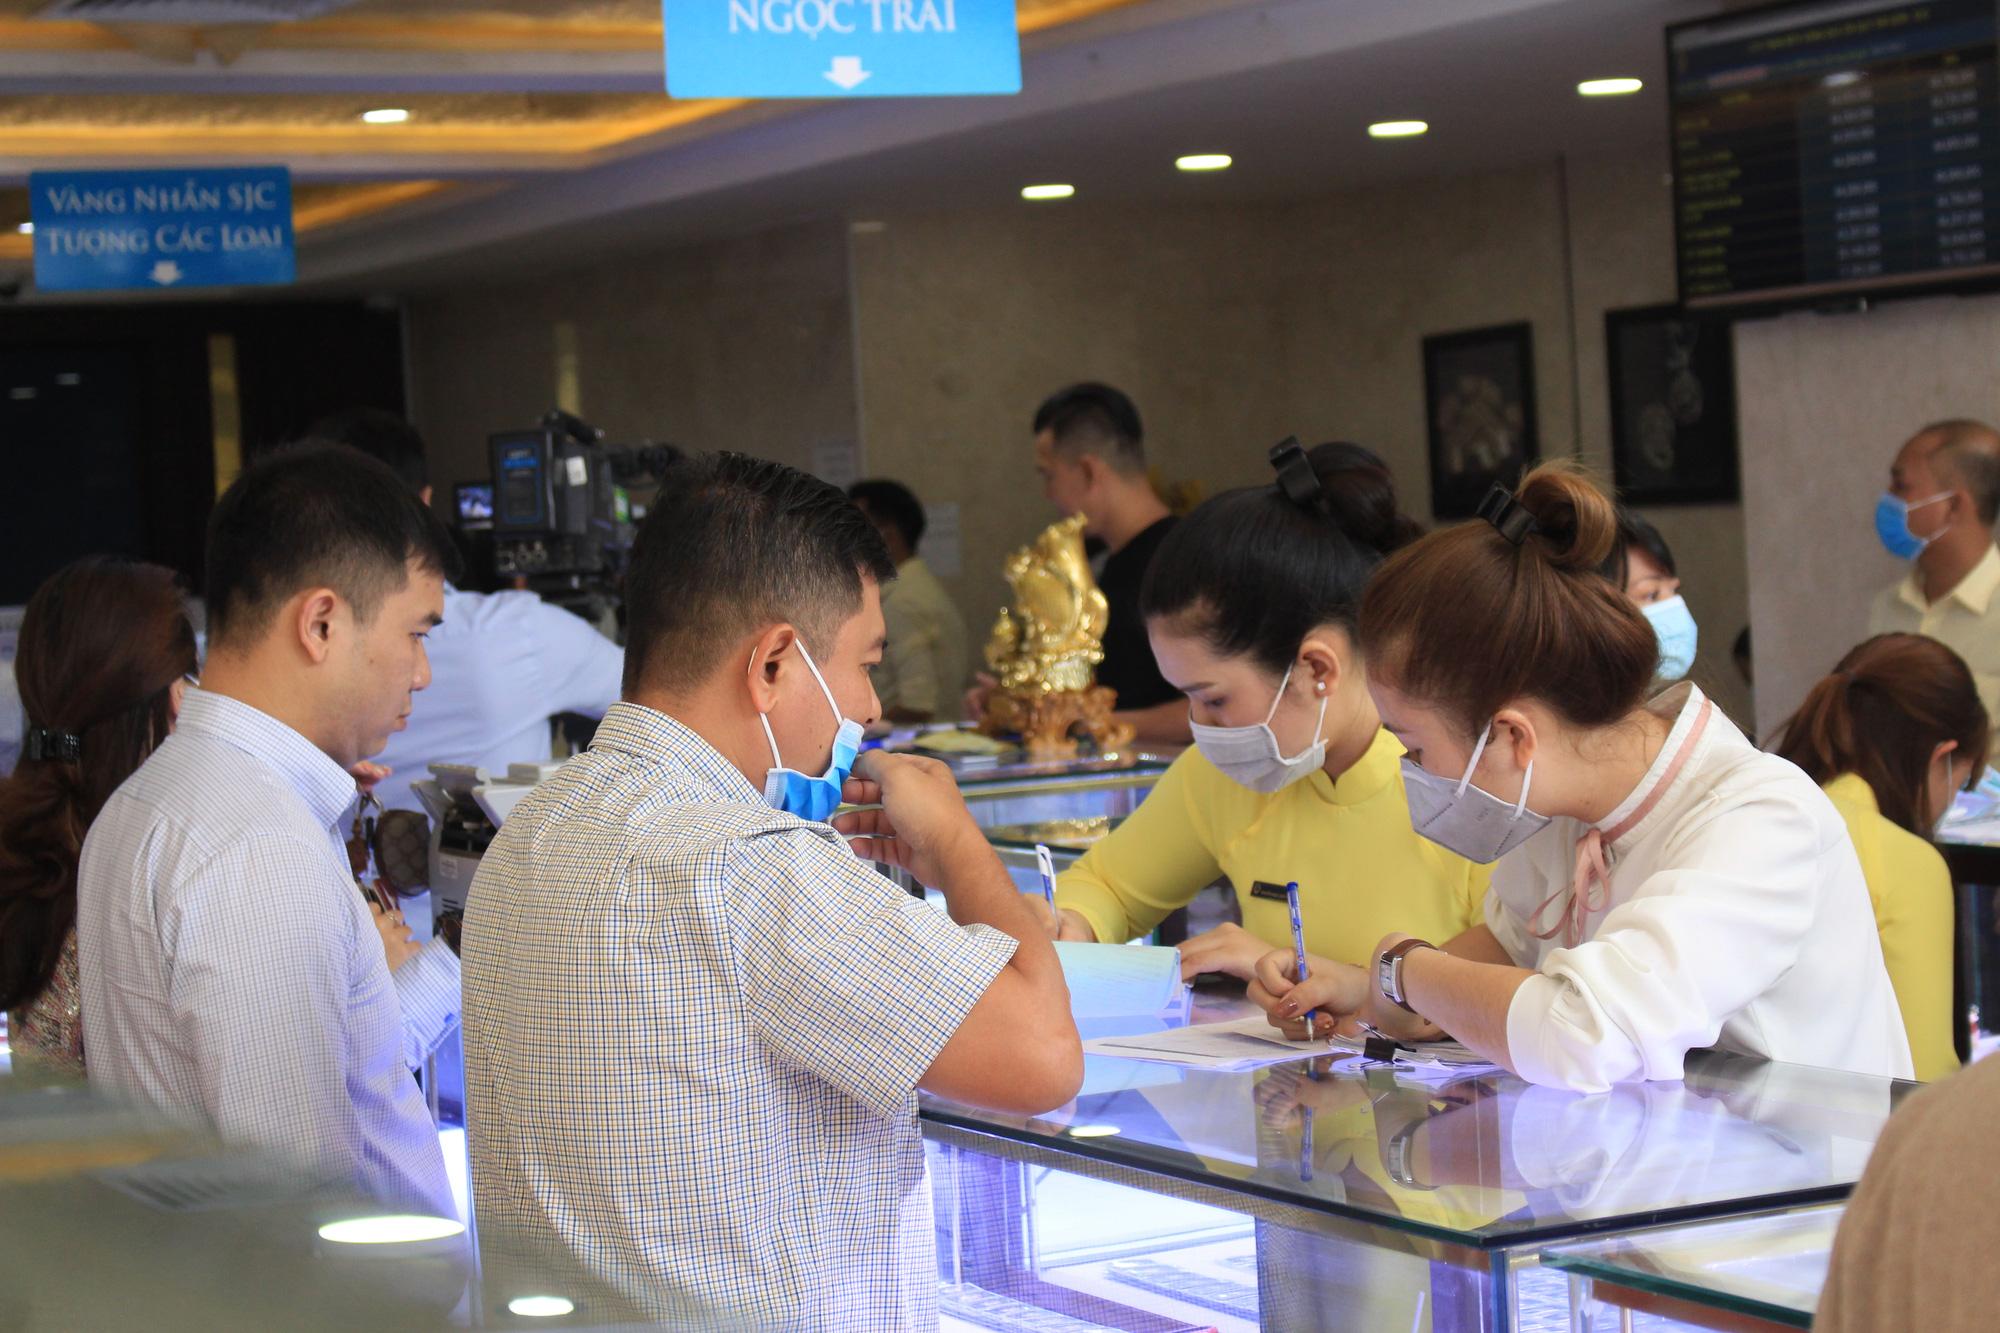 Sau Vía Thần Tài, giá vàng tiếp tục giảm mạnh, mua hôm qua đã mất đứt hơn triệu đồng - Ảnh 1.